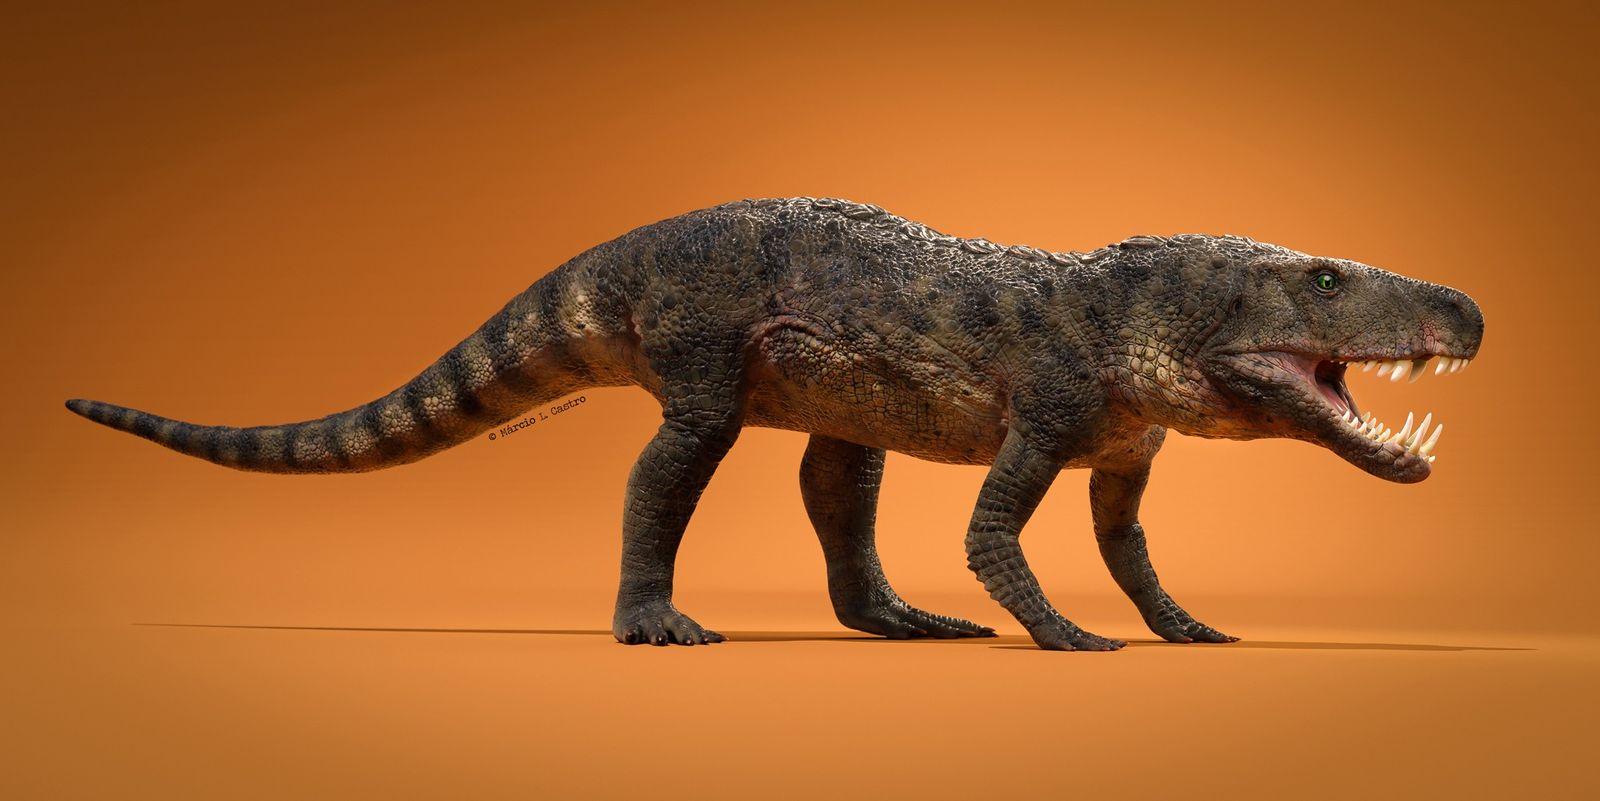 Descubren En Brasil El Fosil De Un Reptil Prehistorico Que Vivio Hace 230 Millones De Anos National Geographic Learn how reptiles became dinosaurs & birds. descubren en brasil el fosil de un